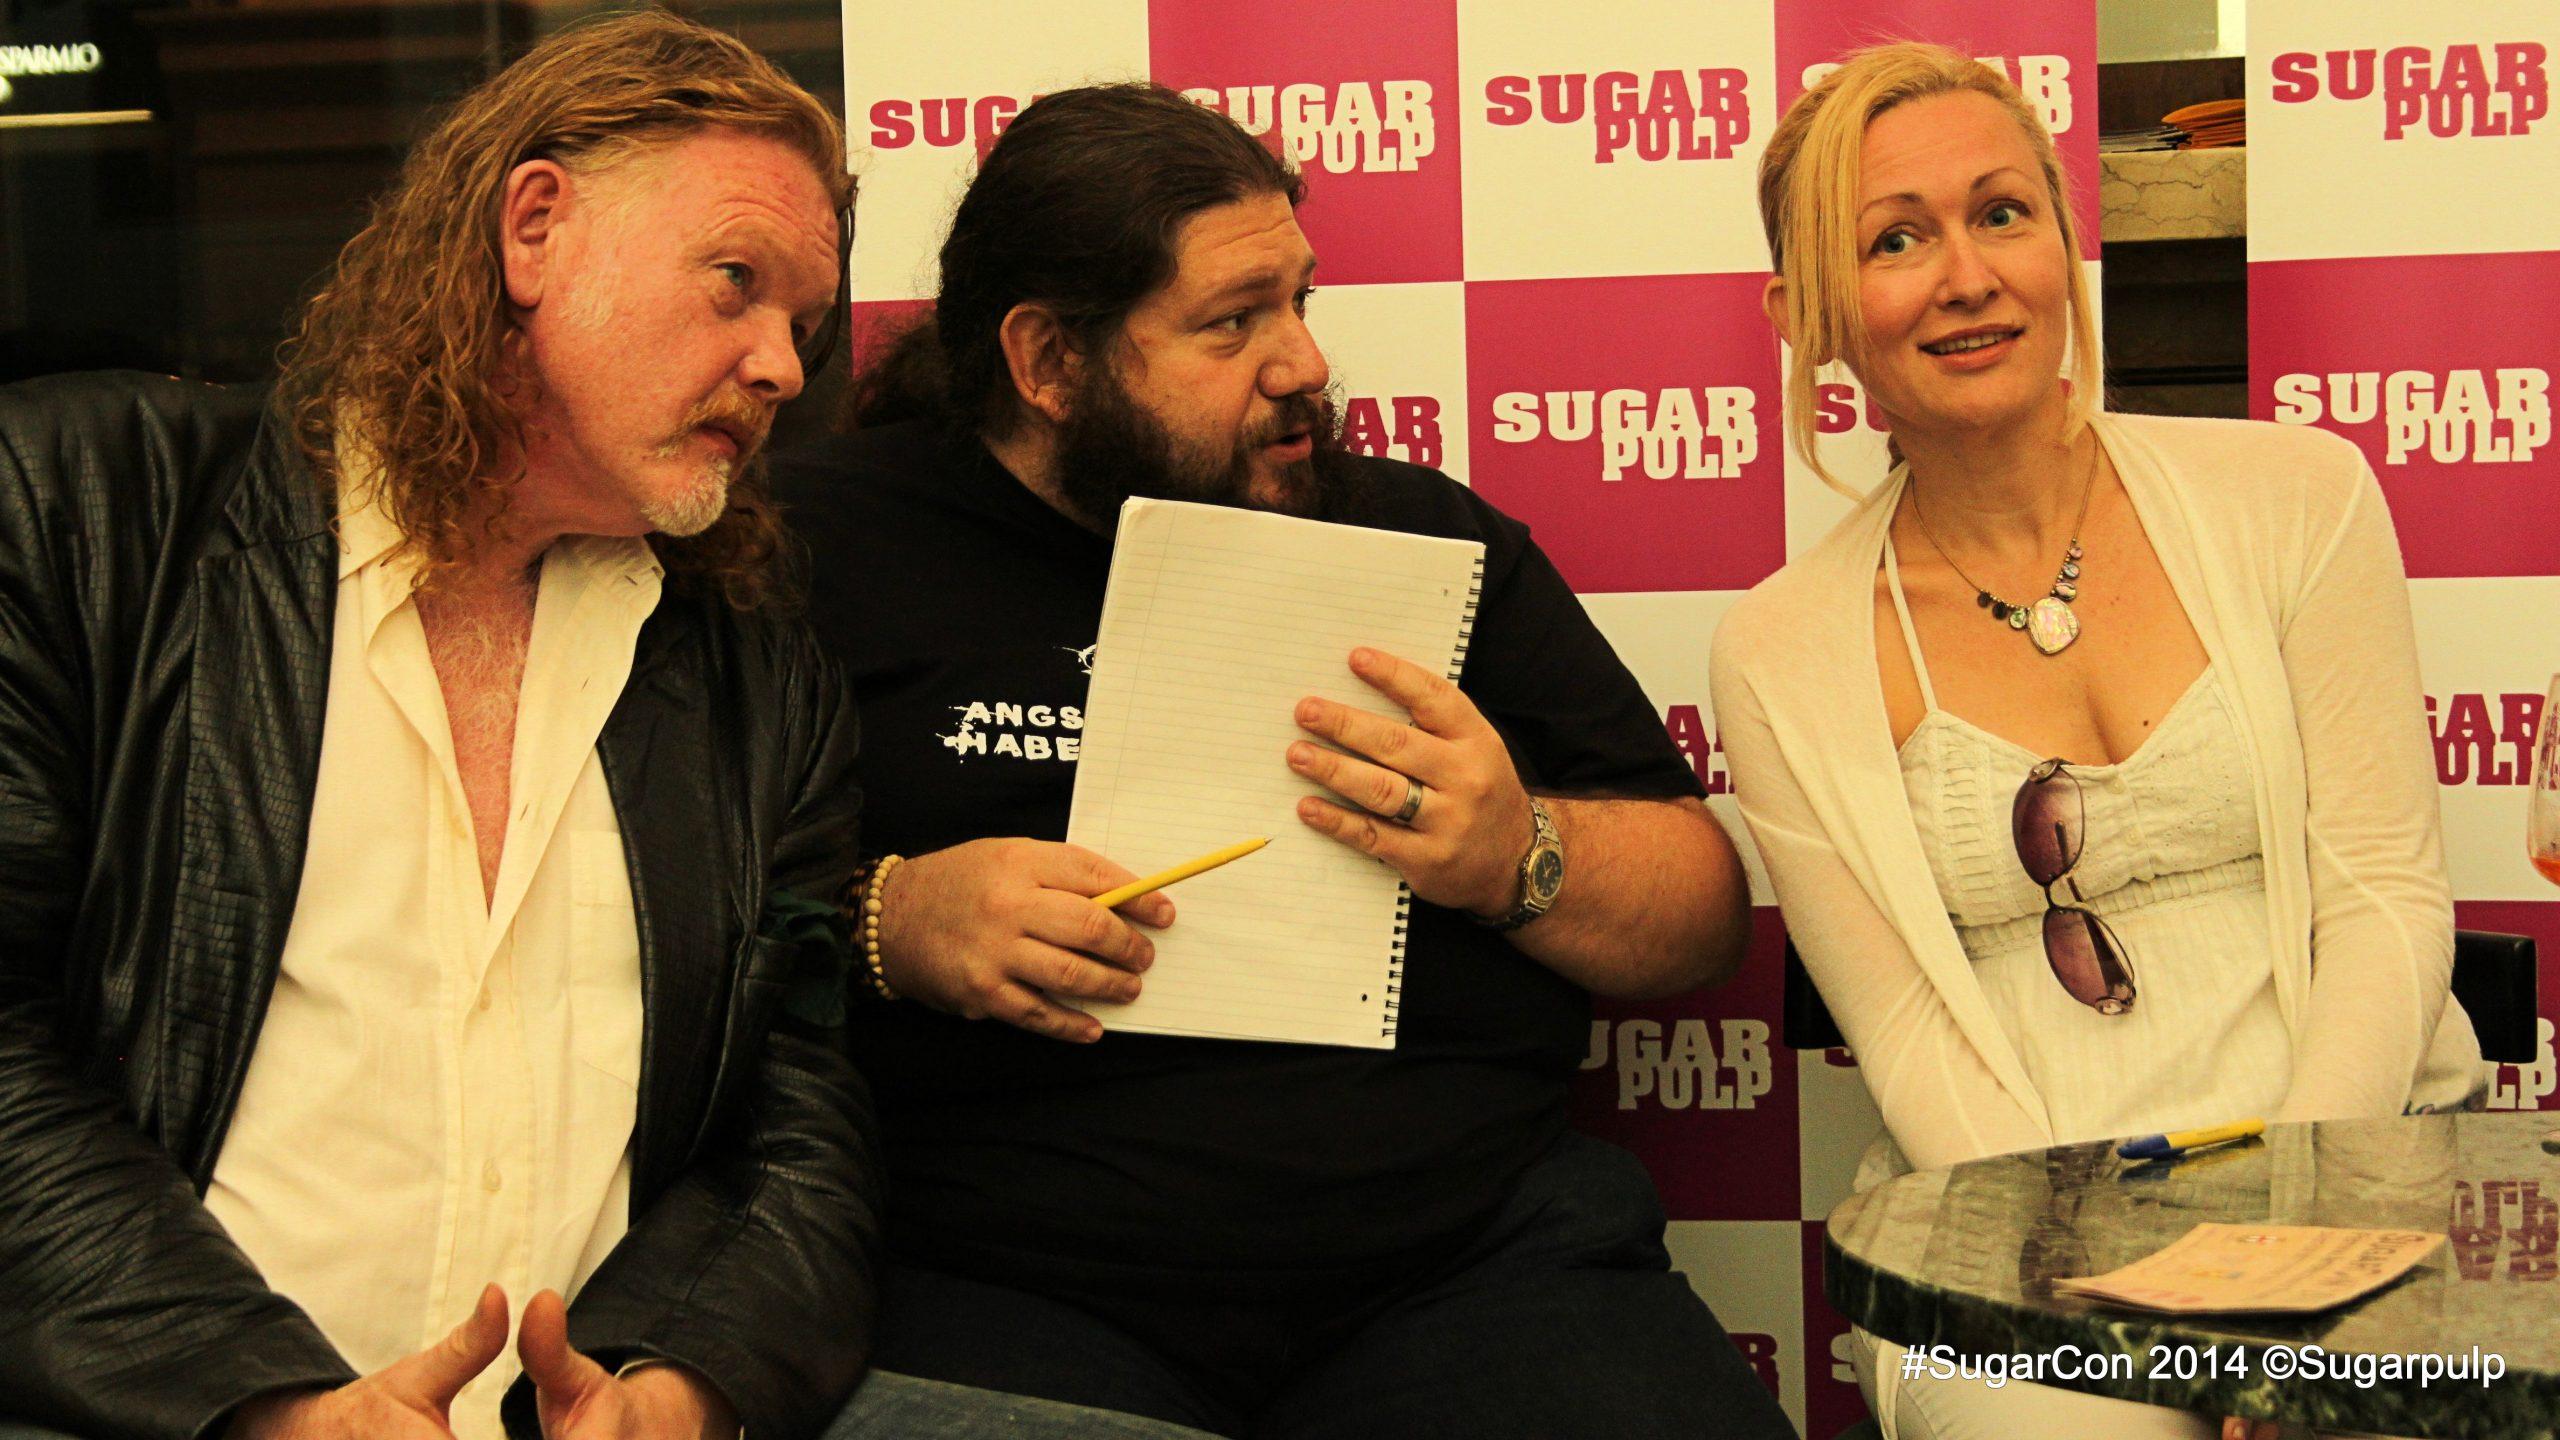 Sarah Pinborough alla SugarCON 2014 con Tim Willocks e Marco Piva